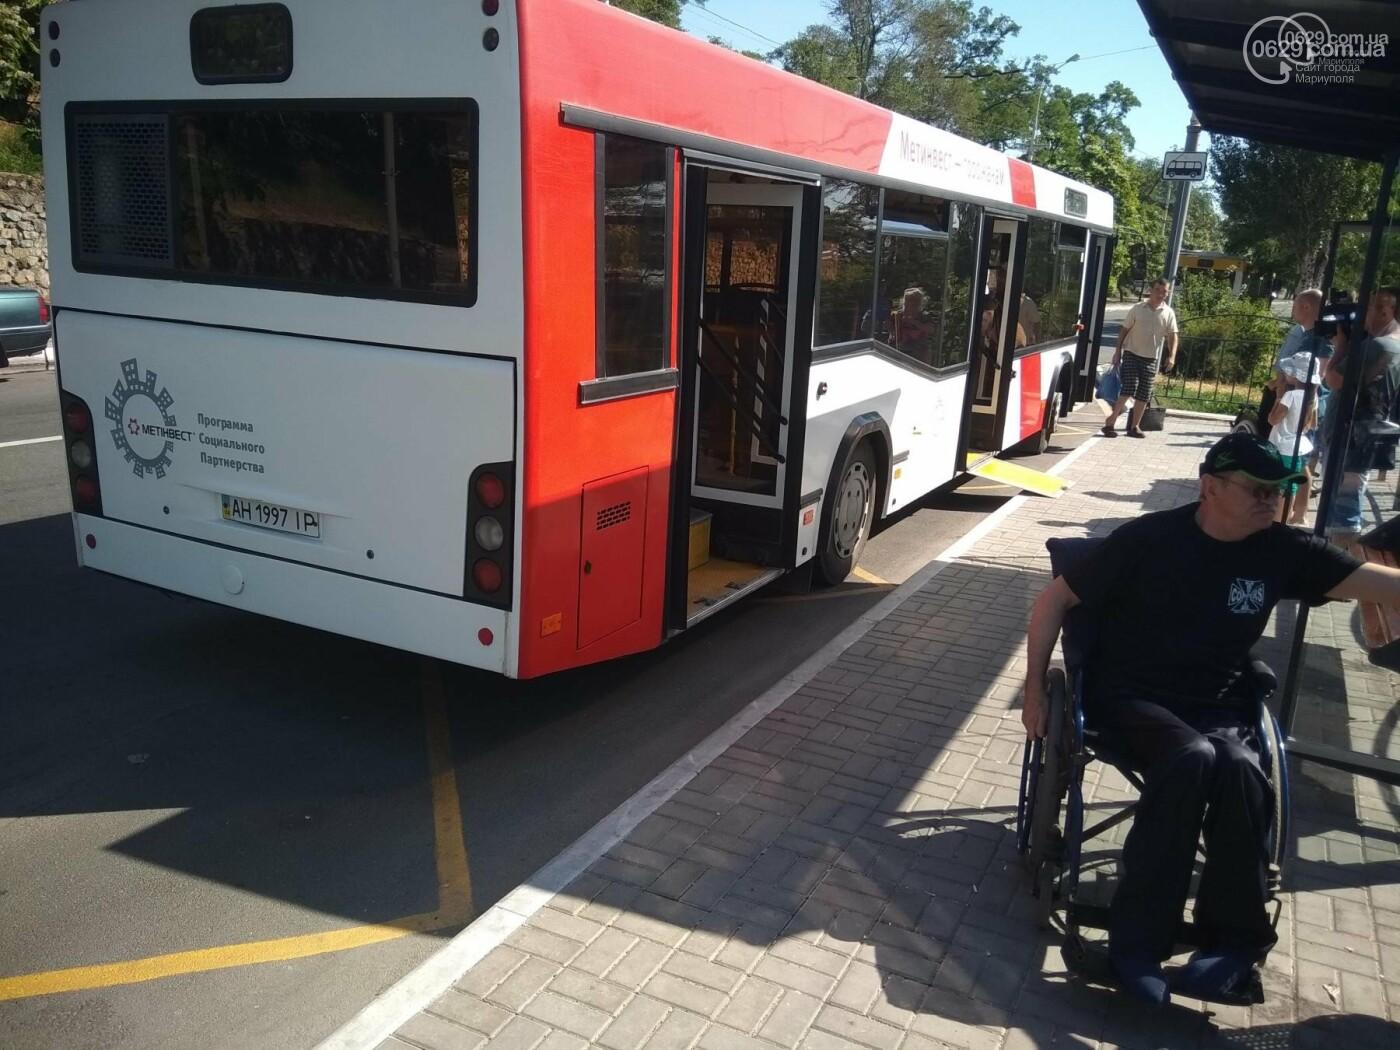 Как заботятся о людях с инвалидностью в странах Евросоюза, фото-7